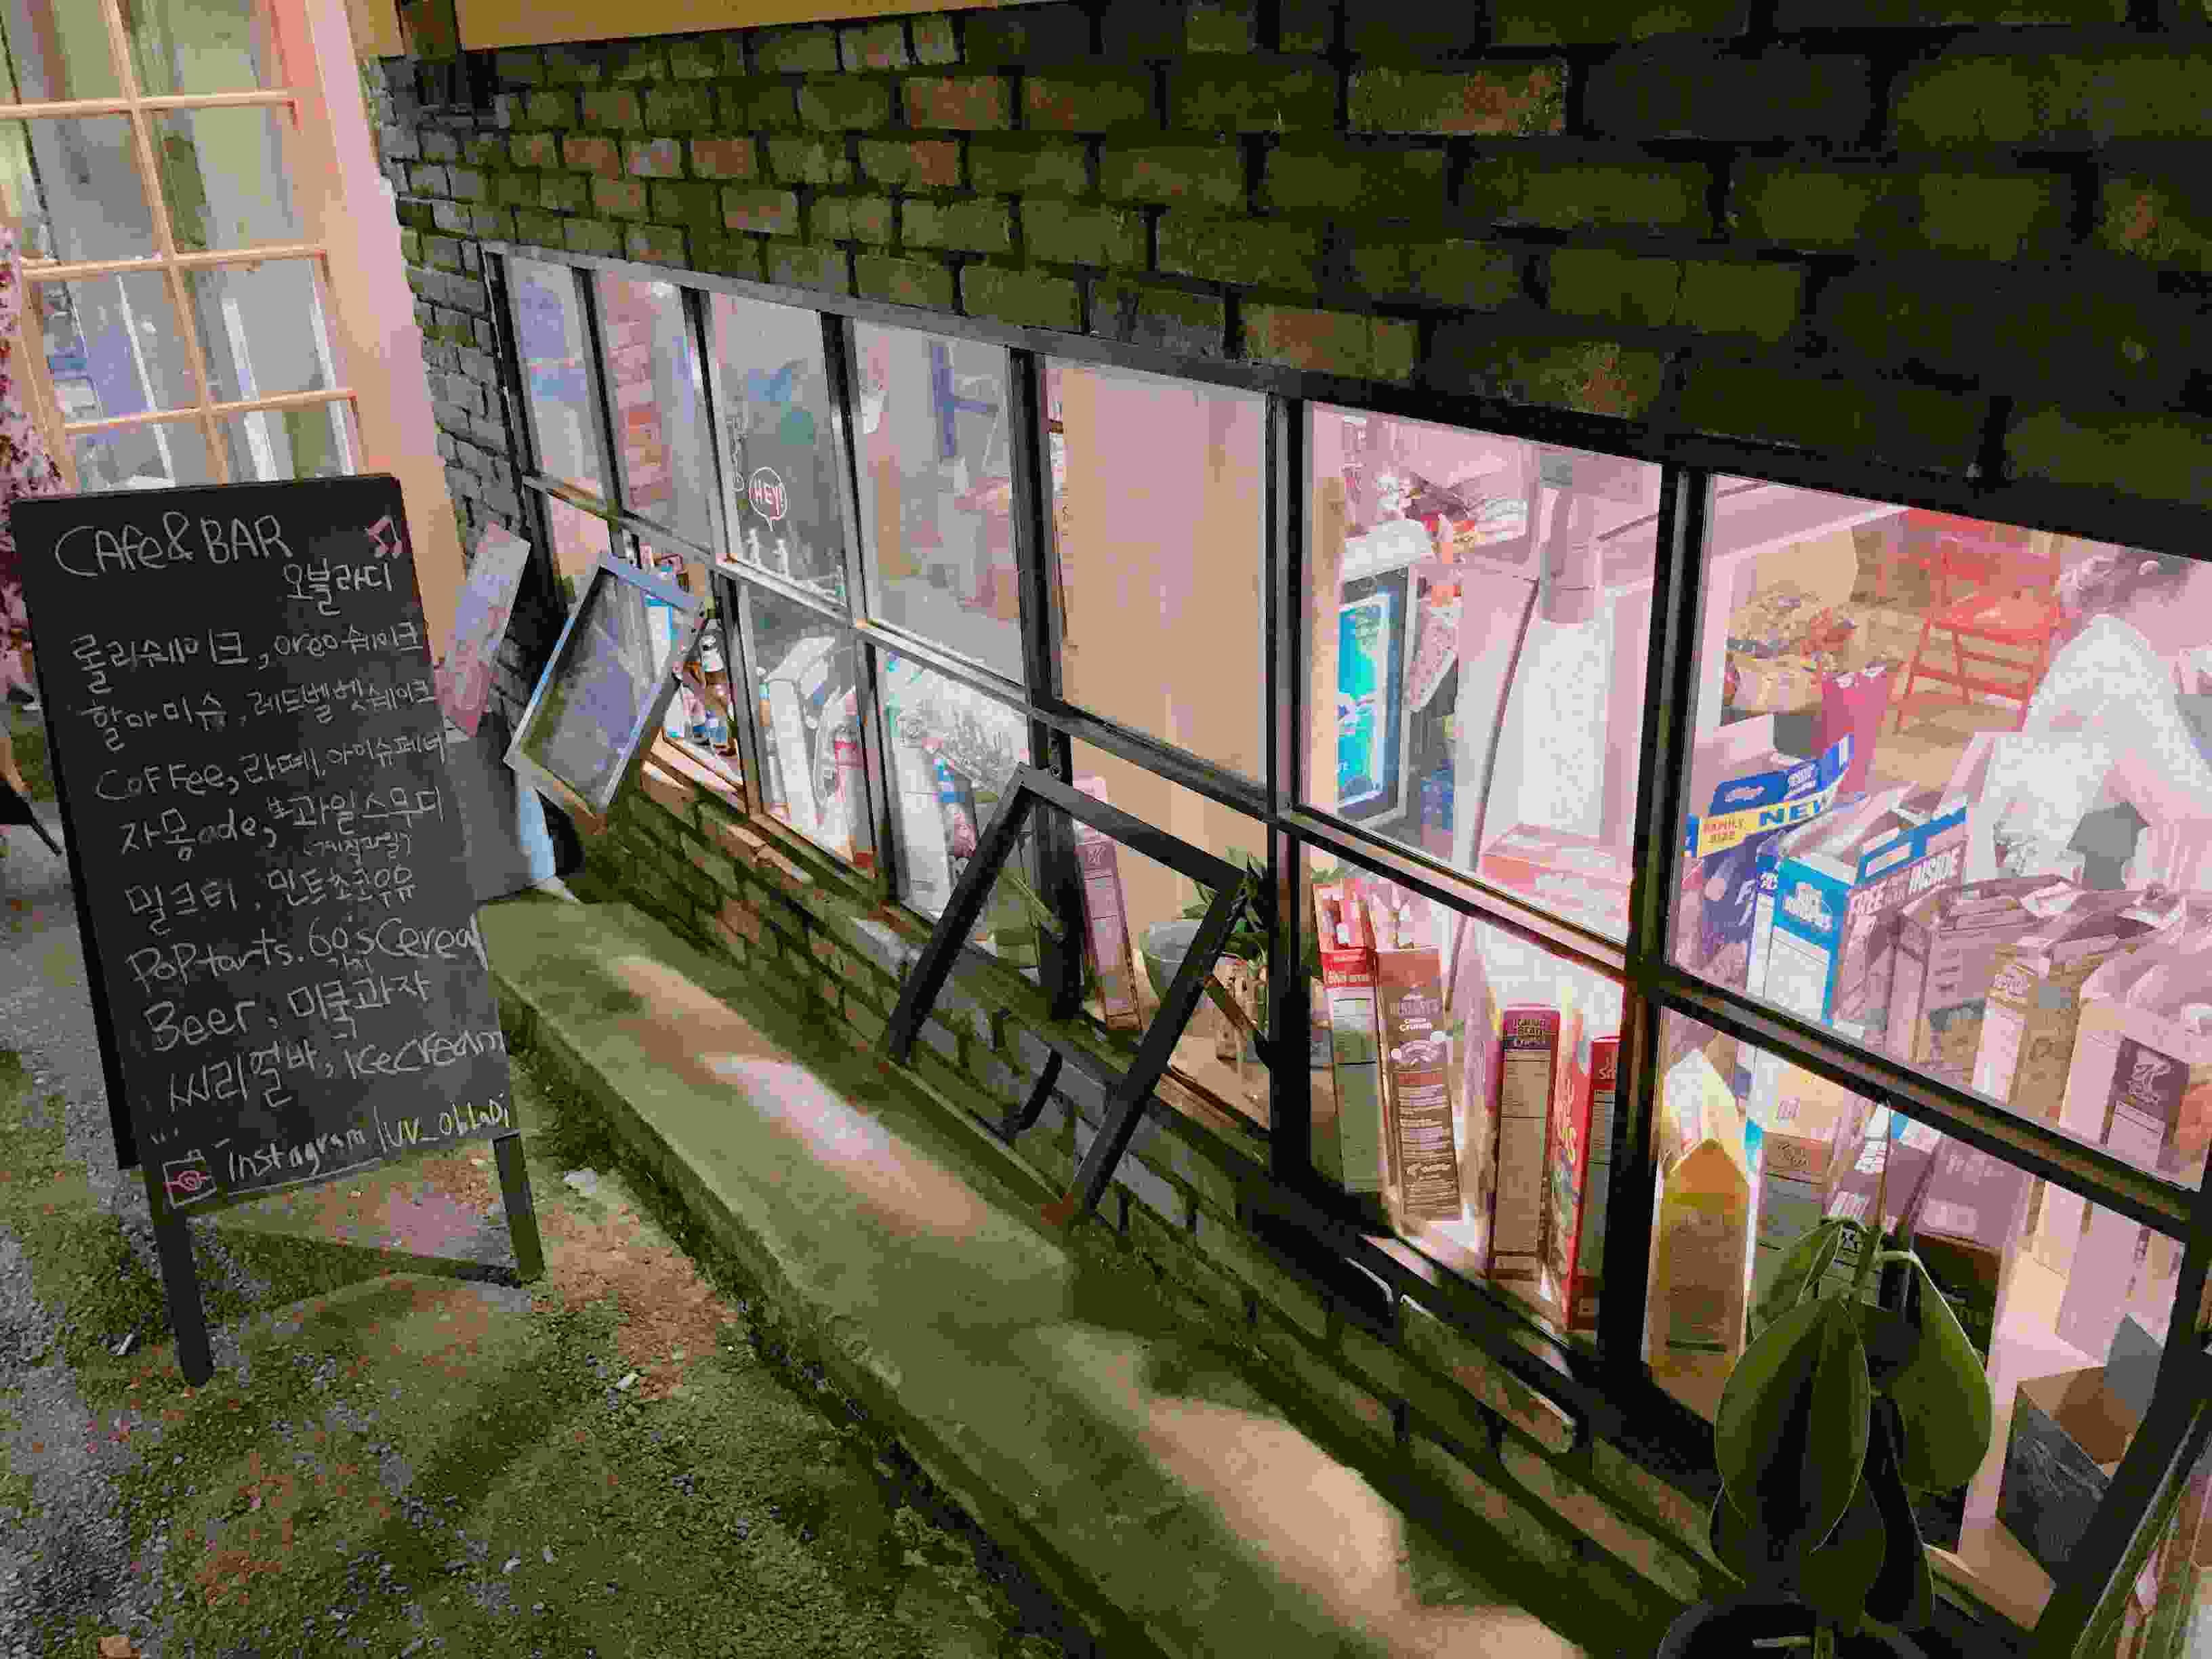 位置於近漢南洞的小店,是一間半地下的店鋪。但就望進窗戶內,不同包裝及品牌色彩鮮明的谷物包裝盒相當吸引視線,讓不少路人經過都不禁停下腳步了解究竟是什麼店呢!